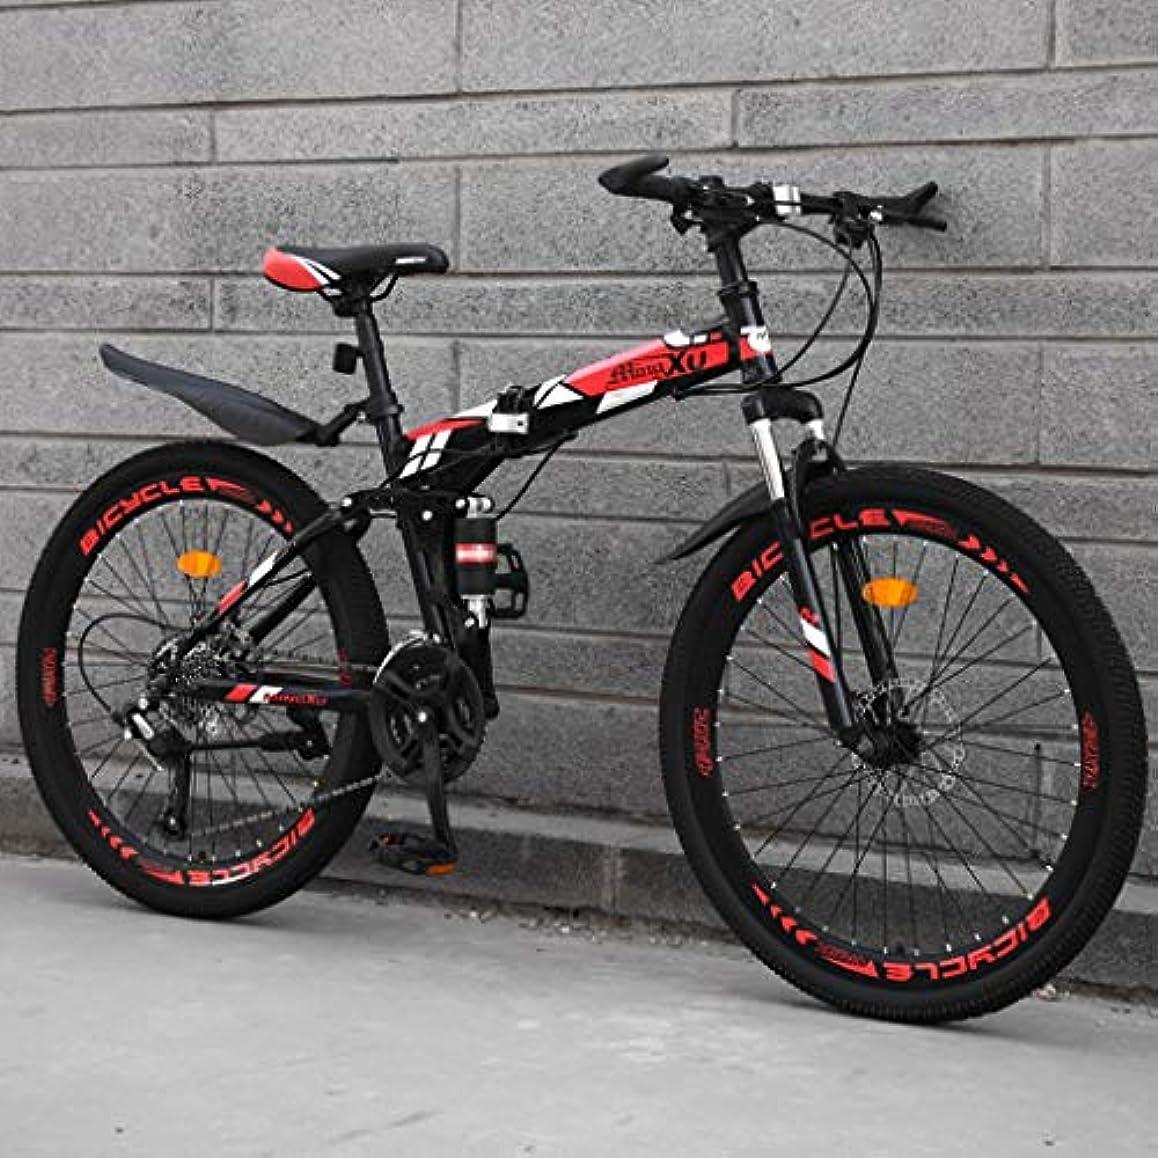 テレビ赤人物ロードバイク 自転車,クロスバイク 自転車 21段変速,マウンテン24/26インチ、高炭素鋼のハードテイルマウンテンバイク、国ギアシフト自転車、21速自転車のフロントサスペンションMTBマウンテン自転車 (Color : B-24in, Size : 21 speed)